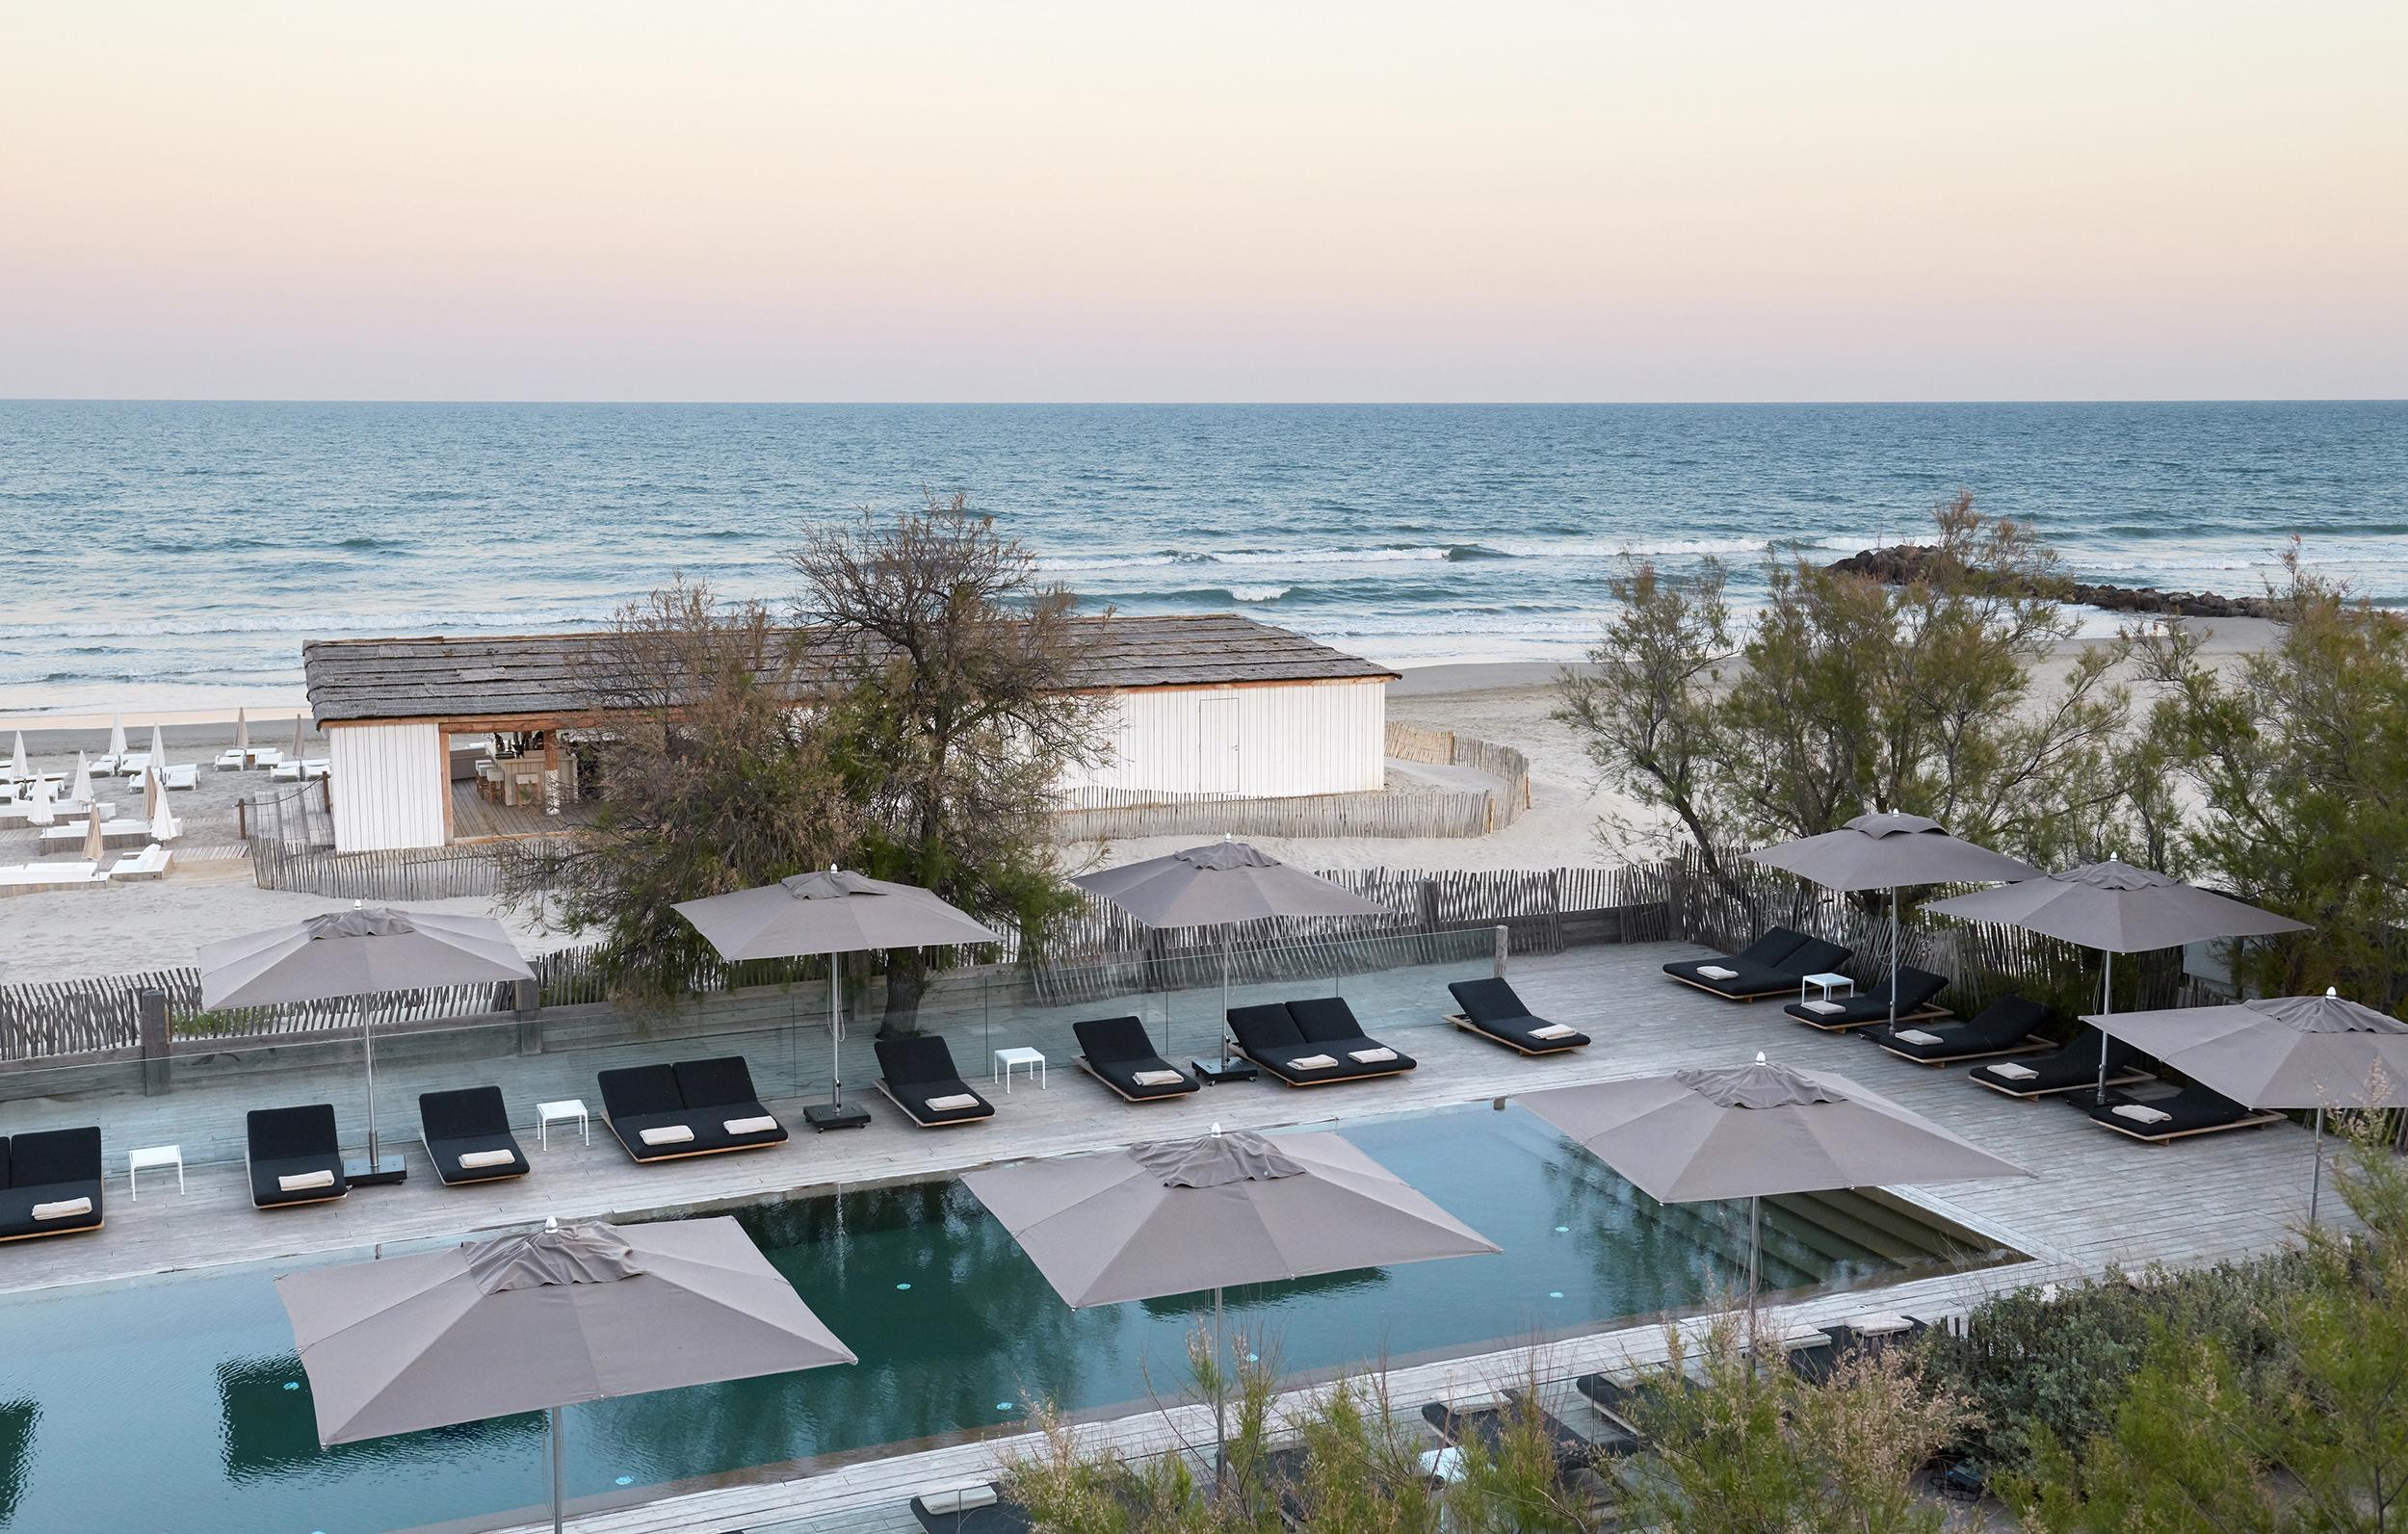 Hôtel Luxe Palavas-Les-Flots | Plage Palace, 5 Étoiles intérieur Hotel Avec Piscine Montpellier